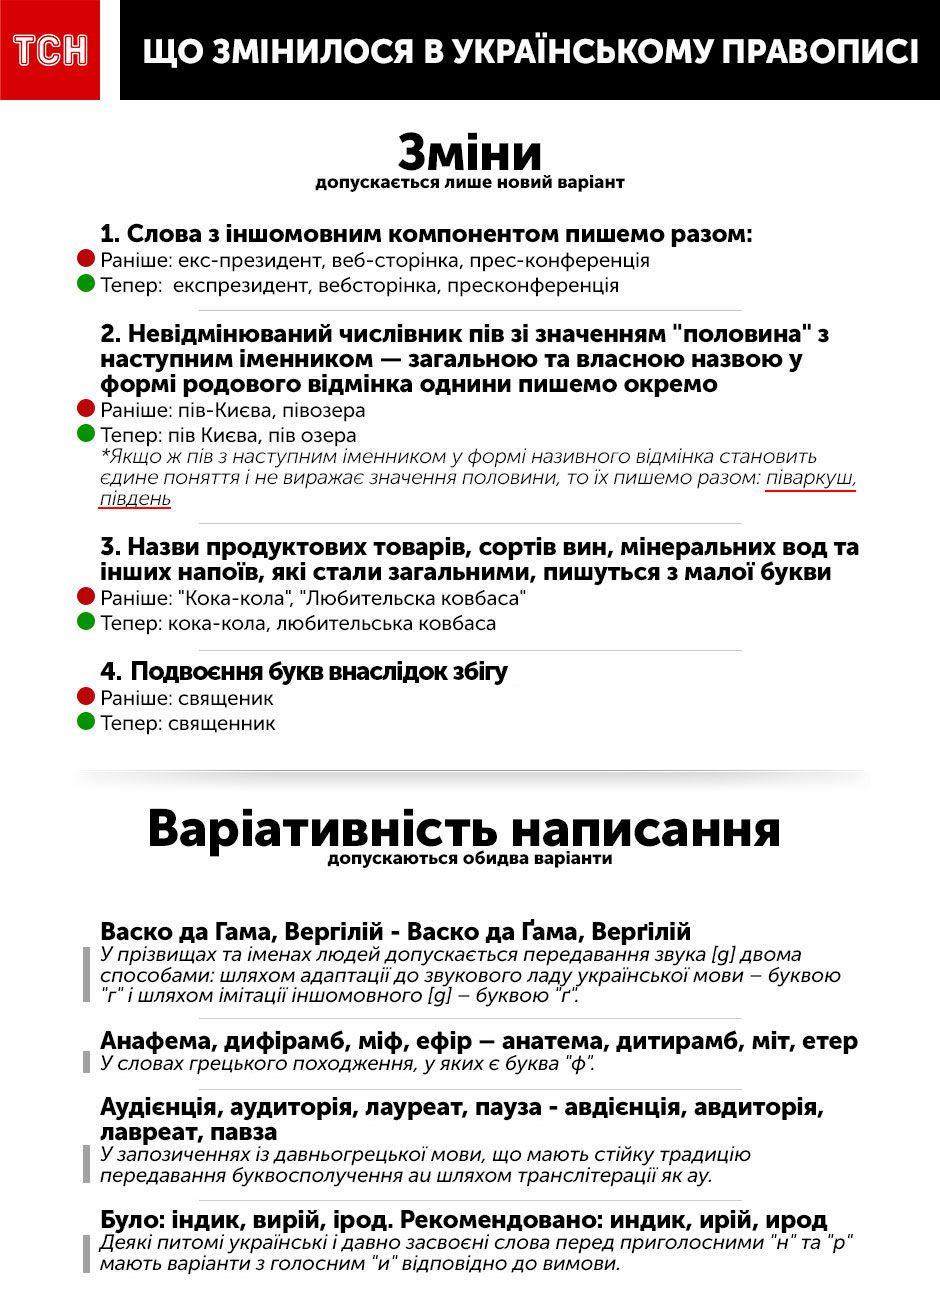 Новий правопис, інфографіка